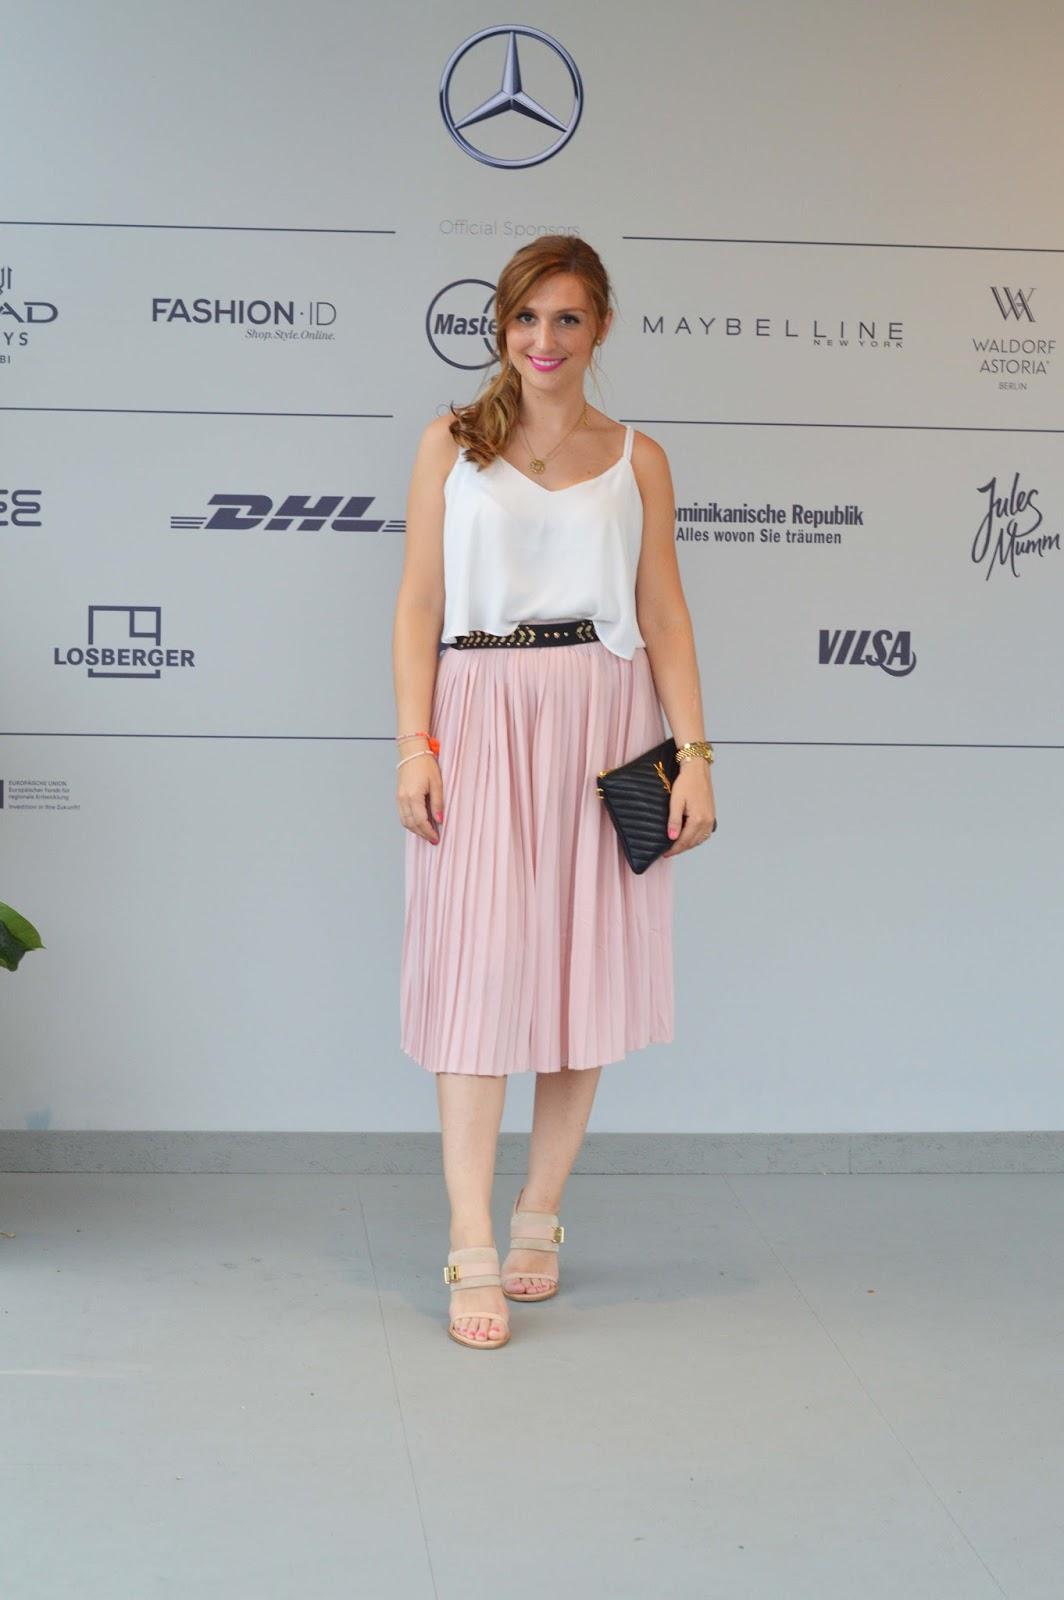 Blogger aus Deutschland Deutsche Fashionblogger Fashionstylebyjoahnna